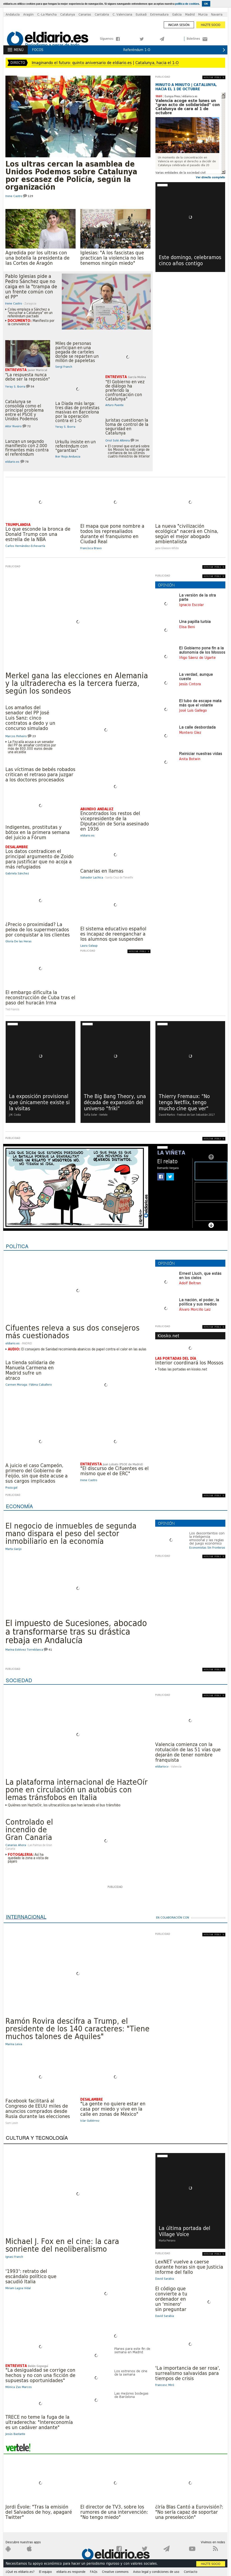 El Diario at Sunday Sept. 24, 2017, 5:03 p.m. UTC